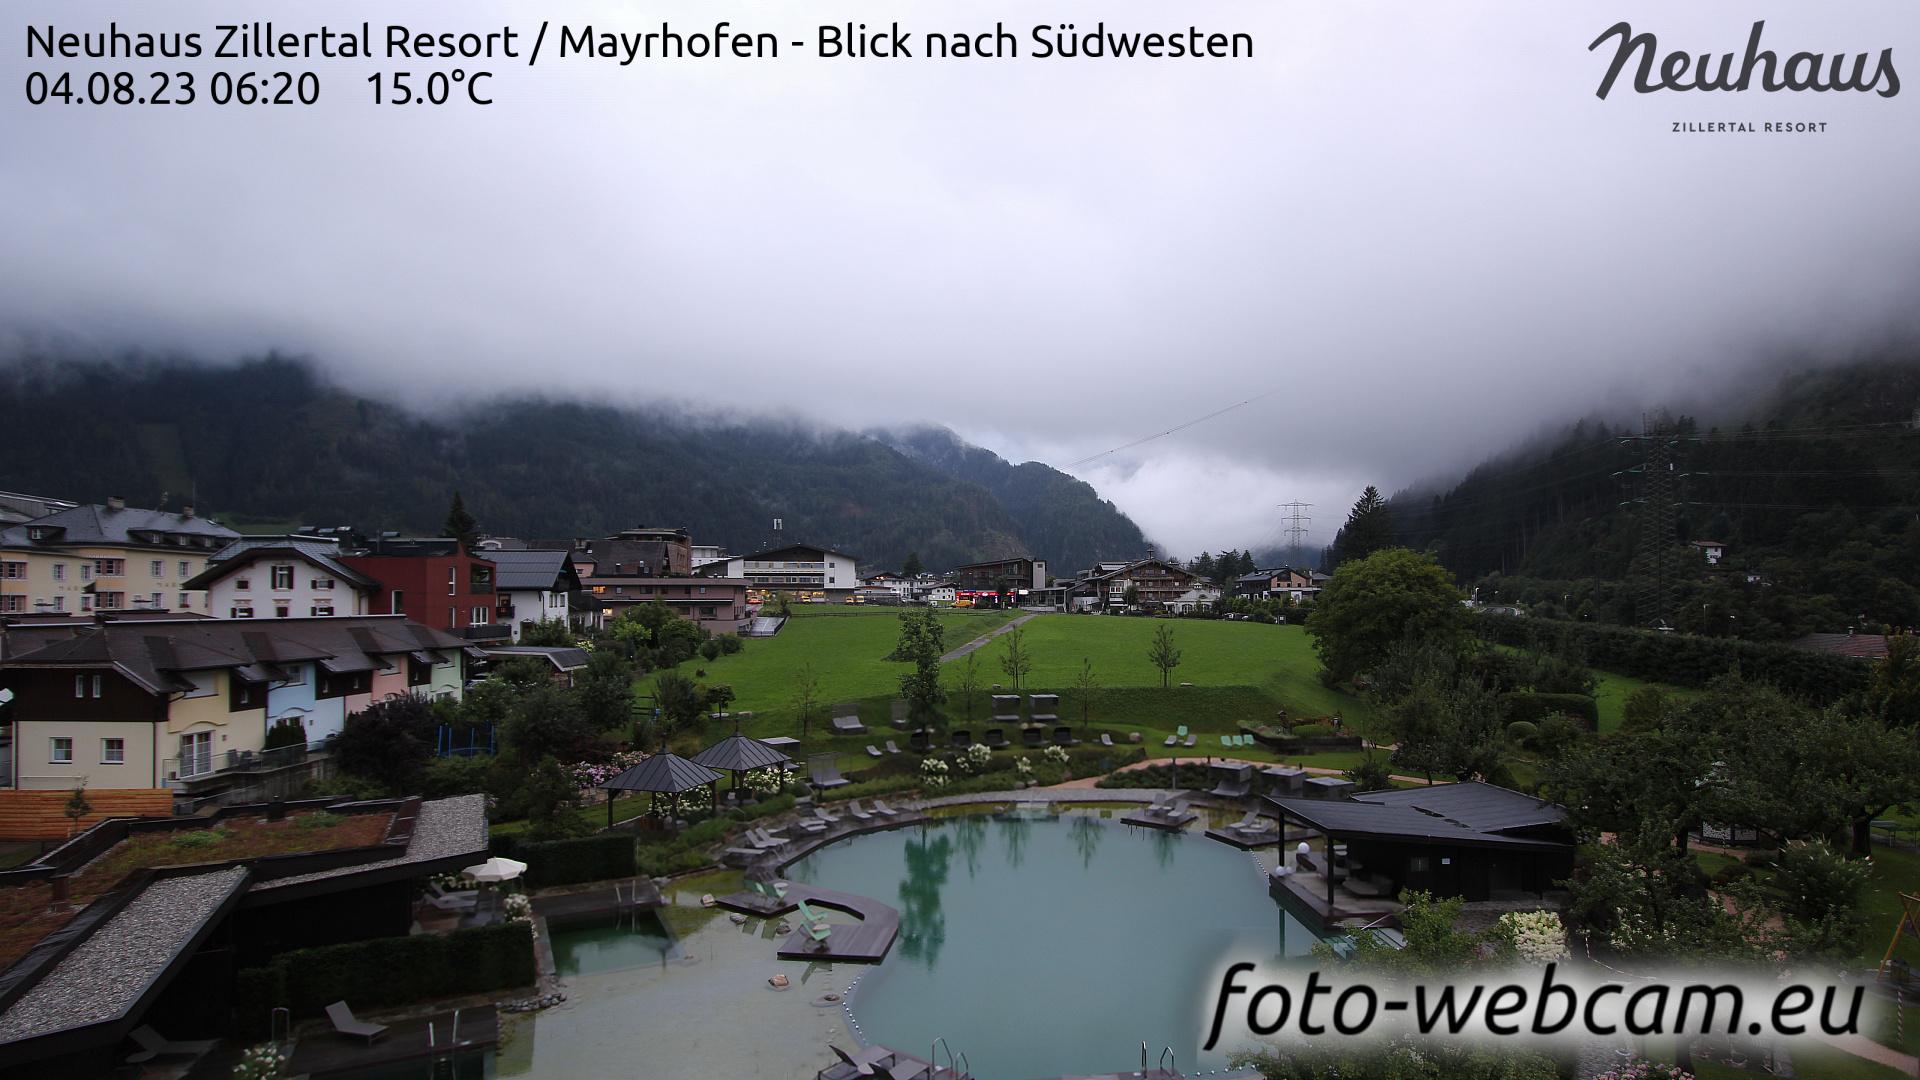 Mayrhofen Mon. 06:33